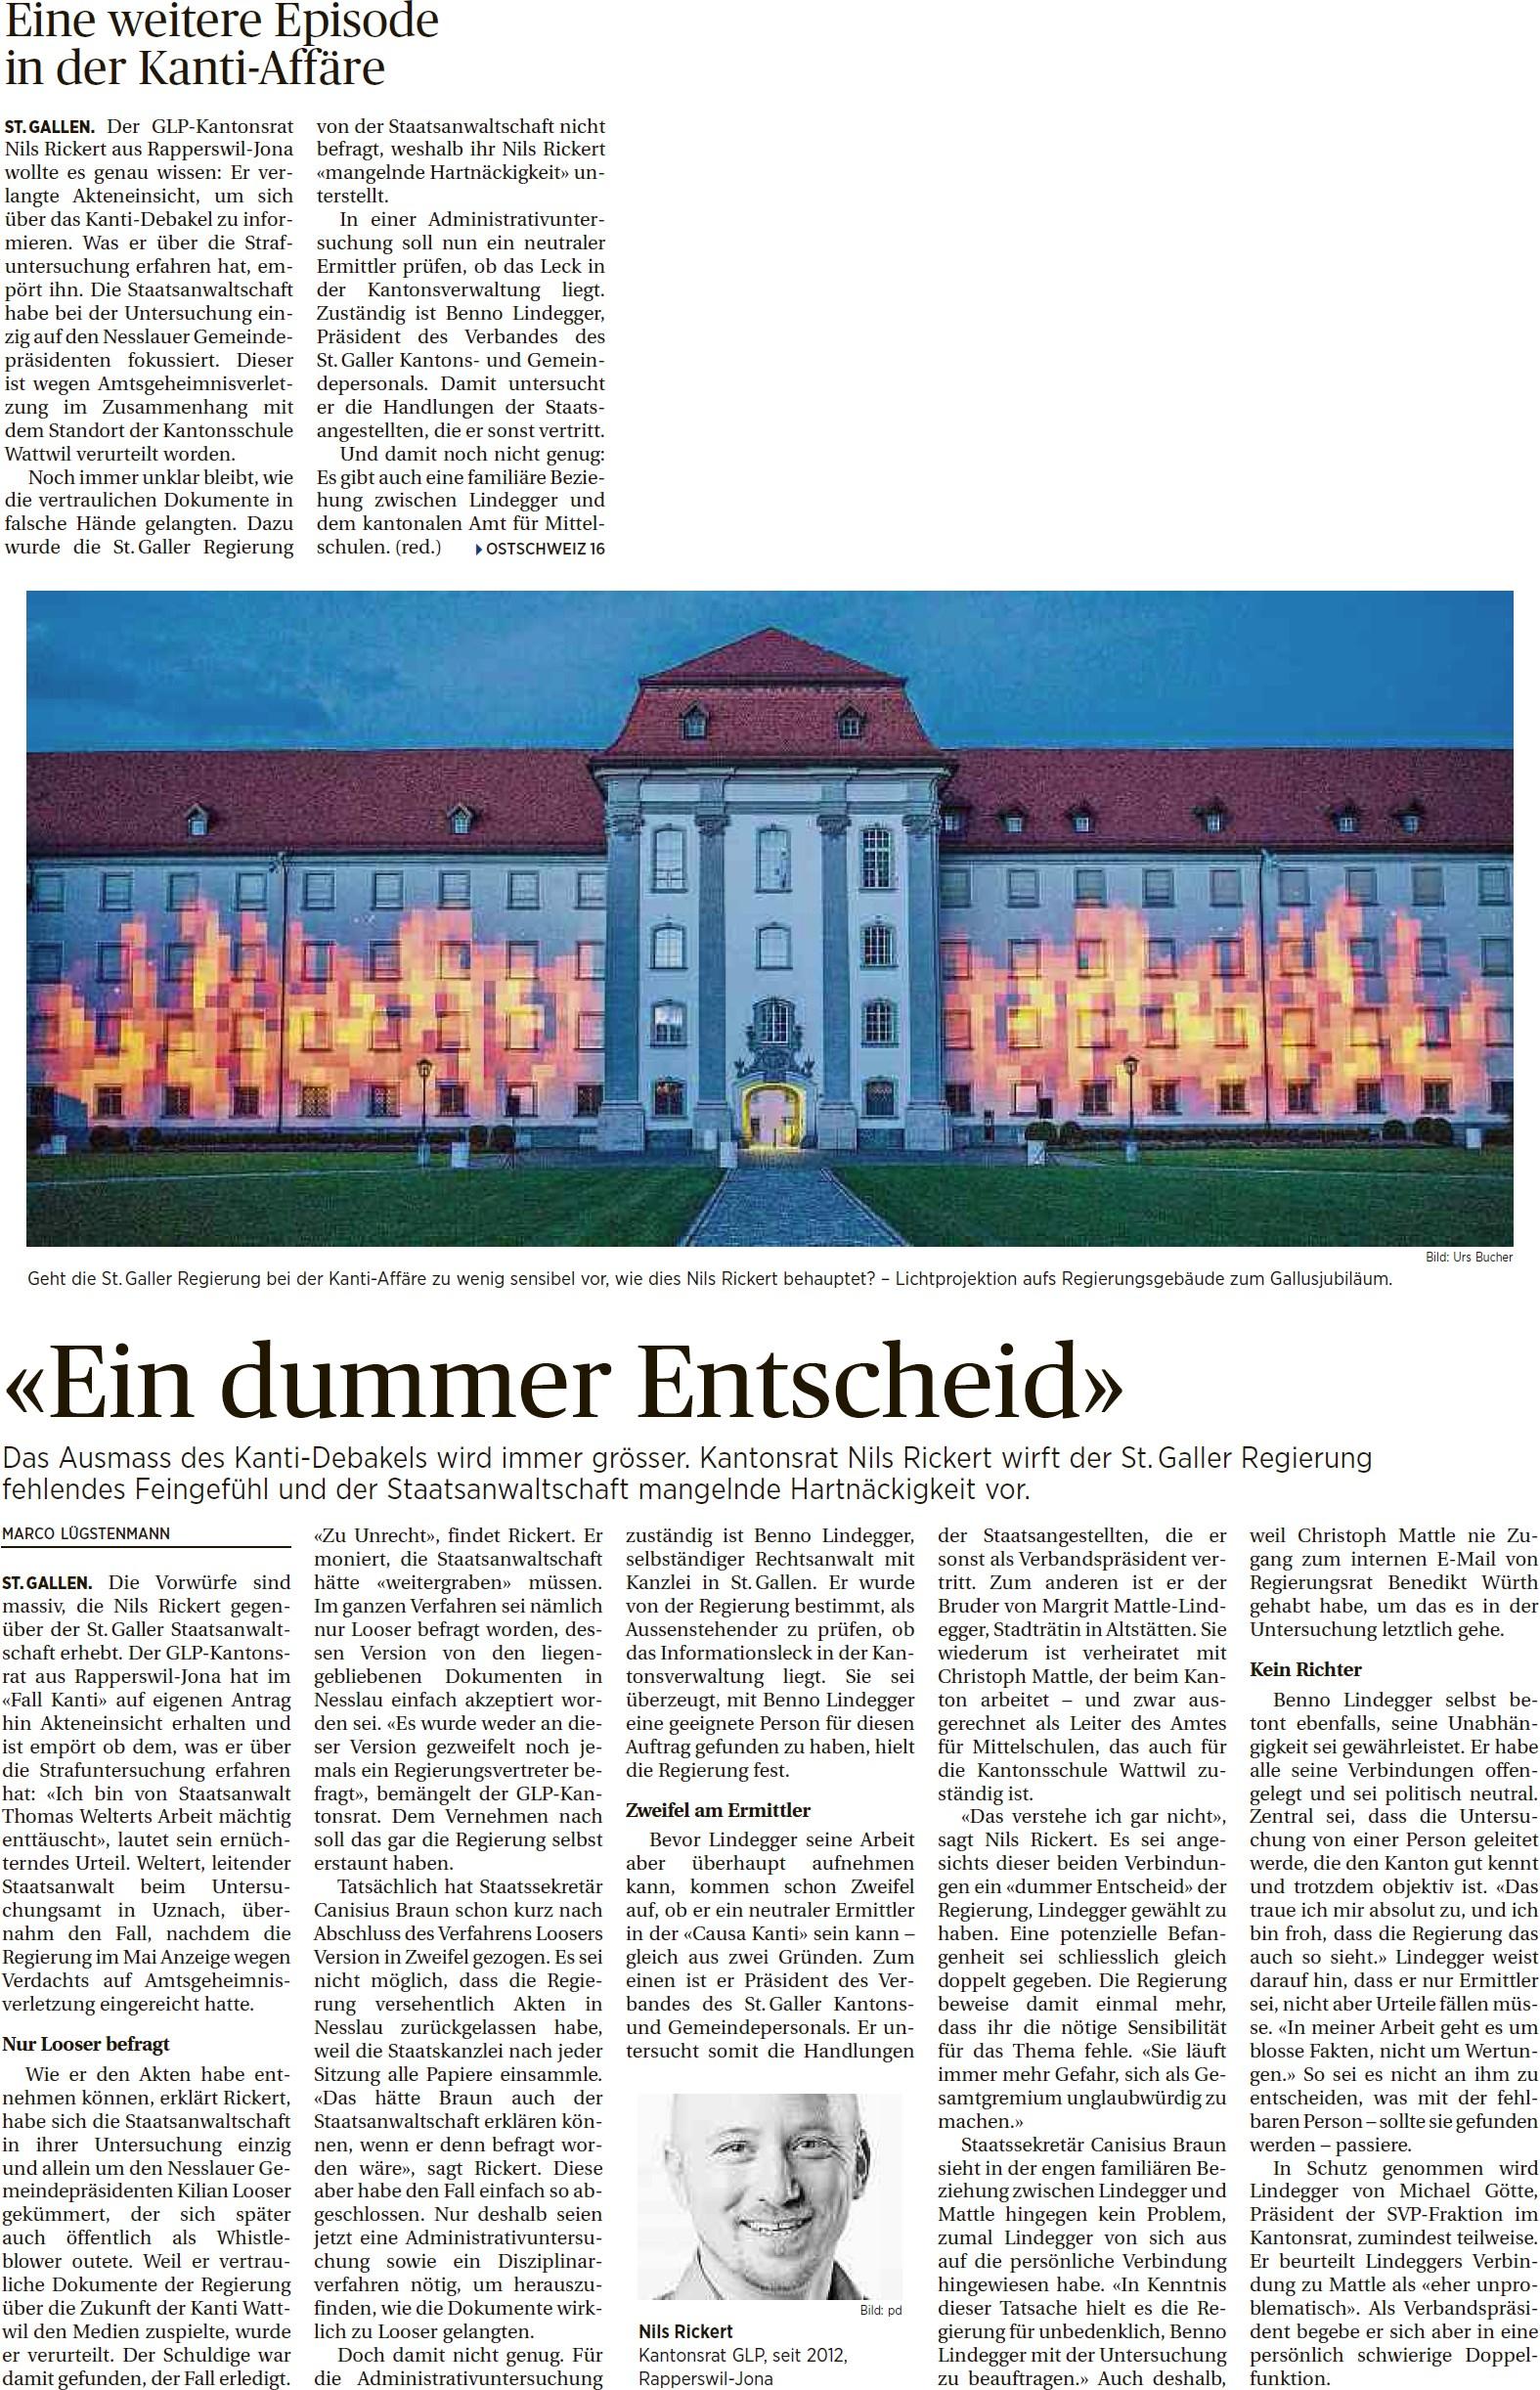 «Ein dummer Entscheid» (Montag, 18.08.2014)